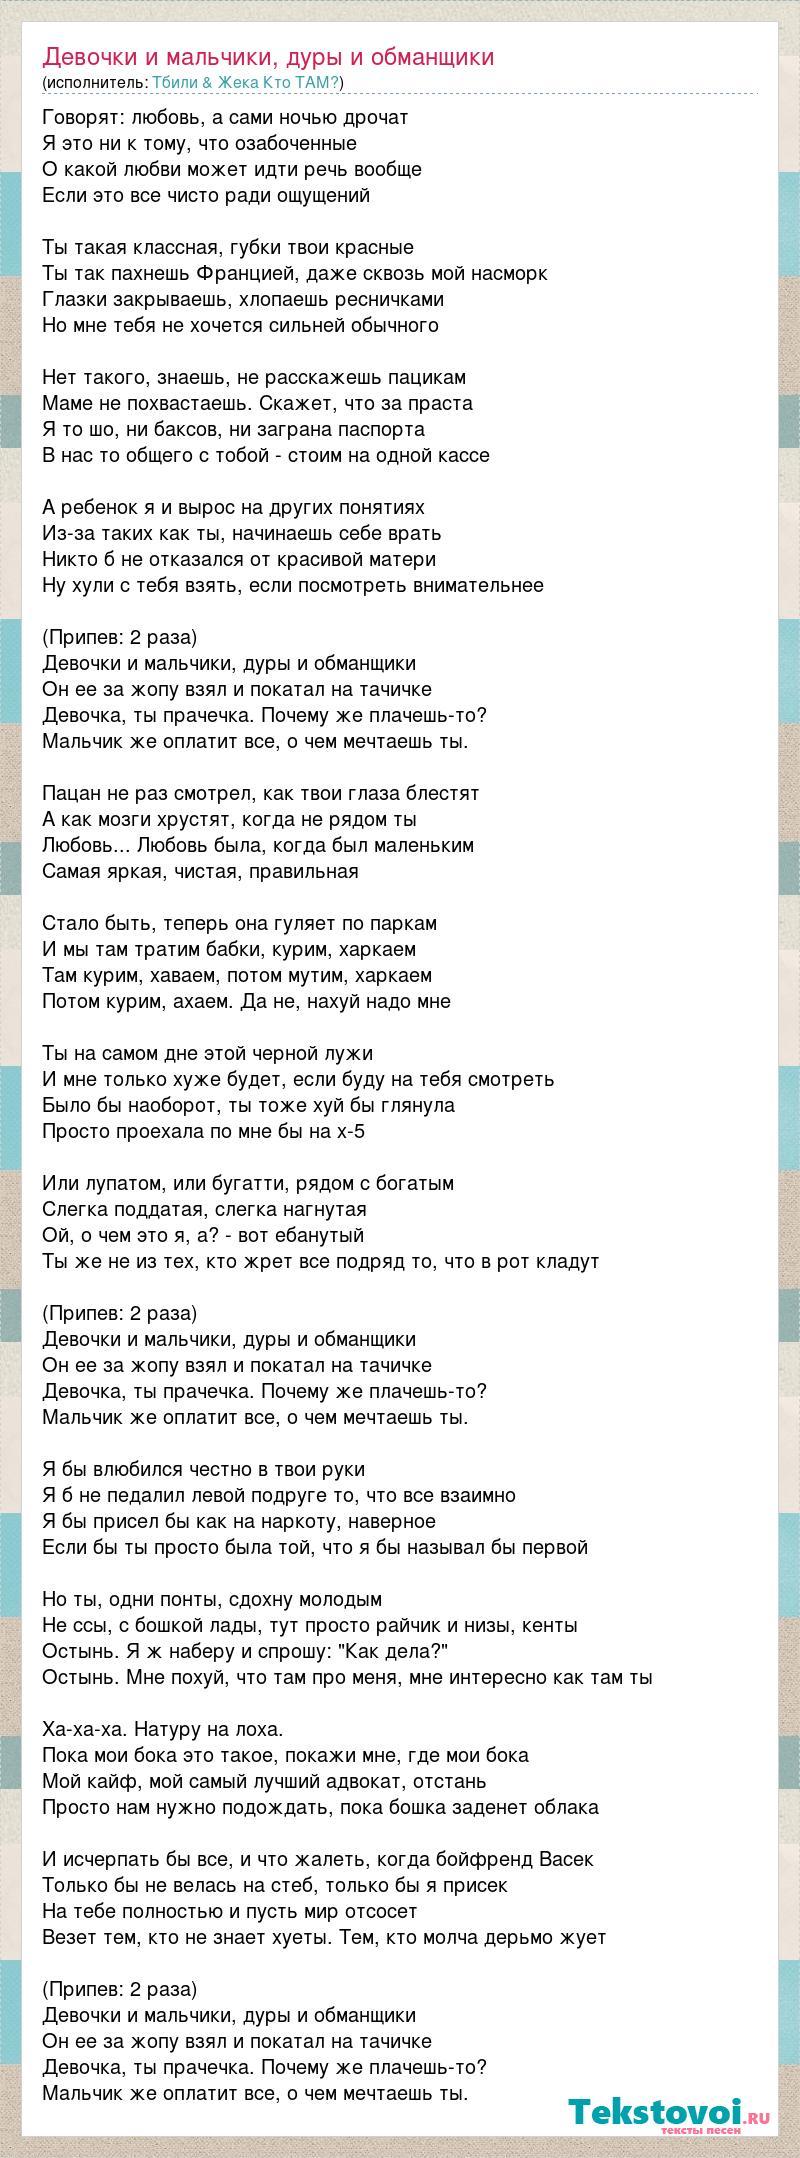 ne-zhaleyut-ee-zhopu-porno-treker-russkiy-kasting